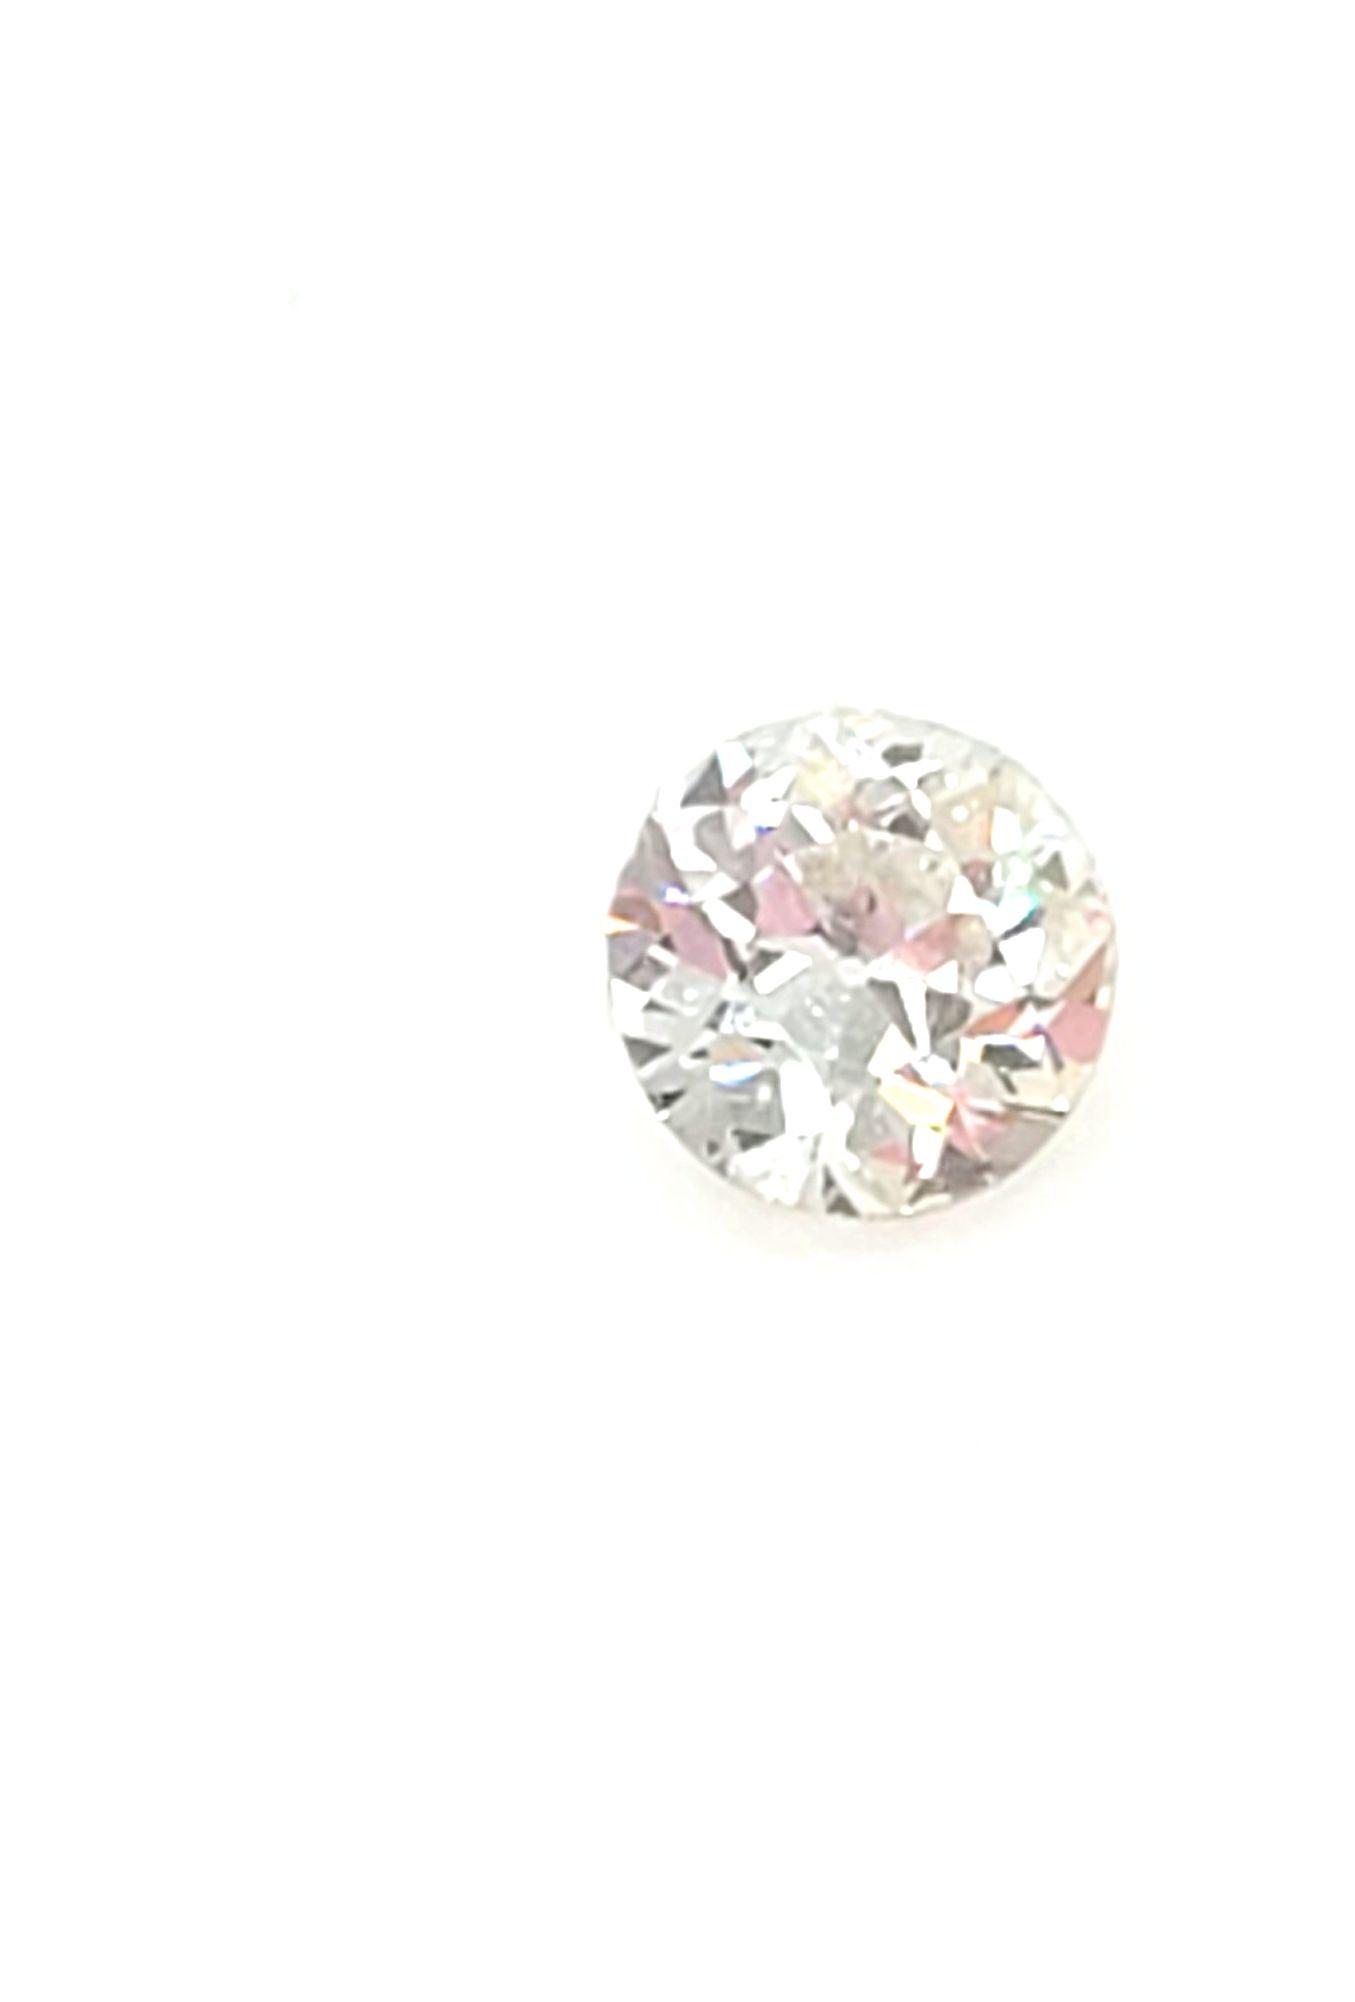 Diamond Old Mine Cut 0.57ct, H, VS1